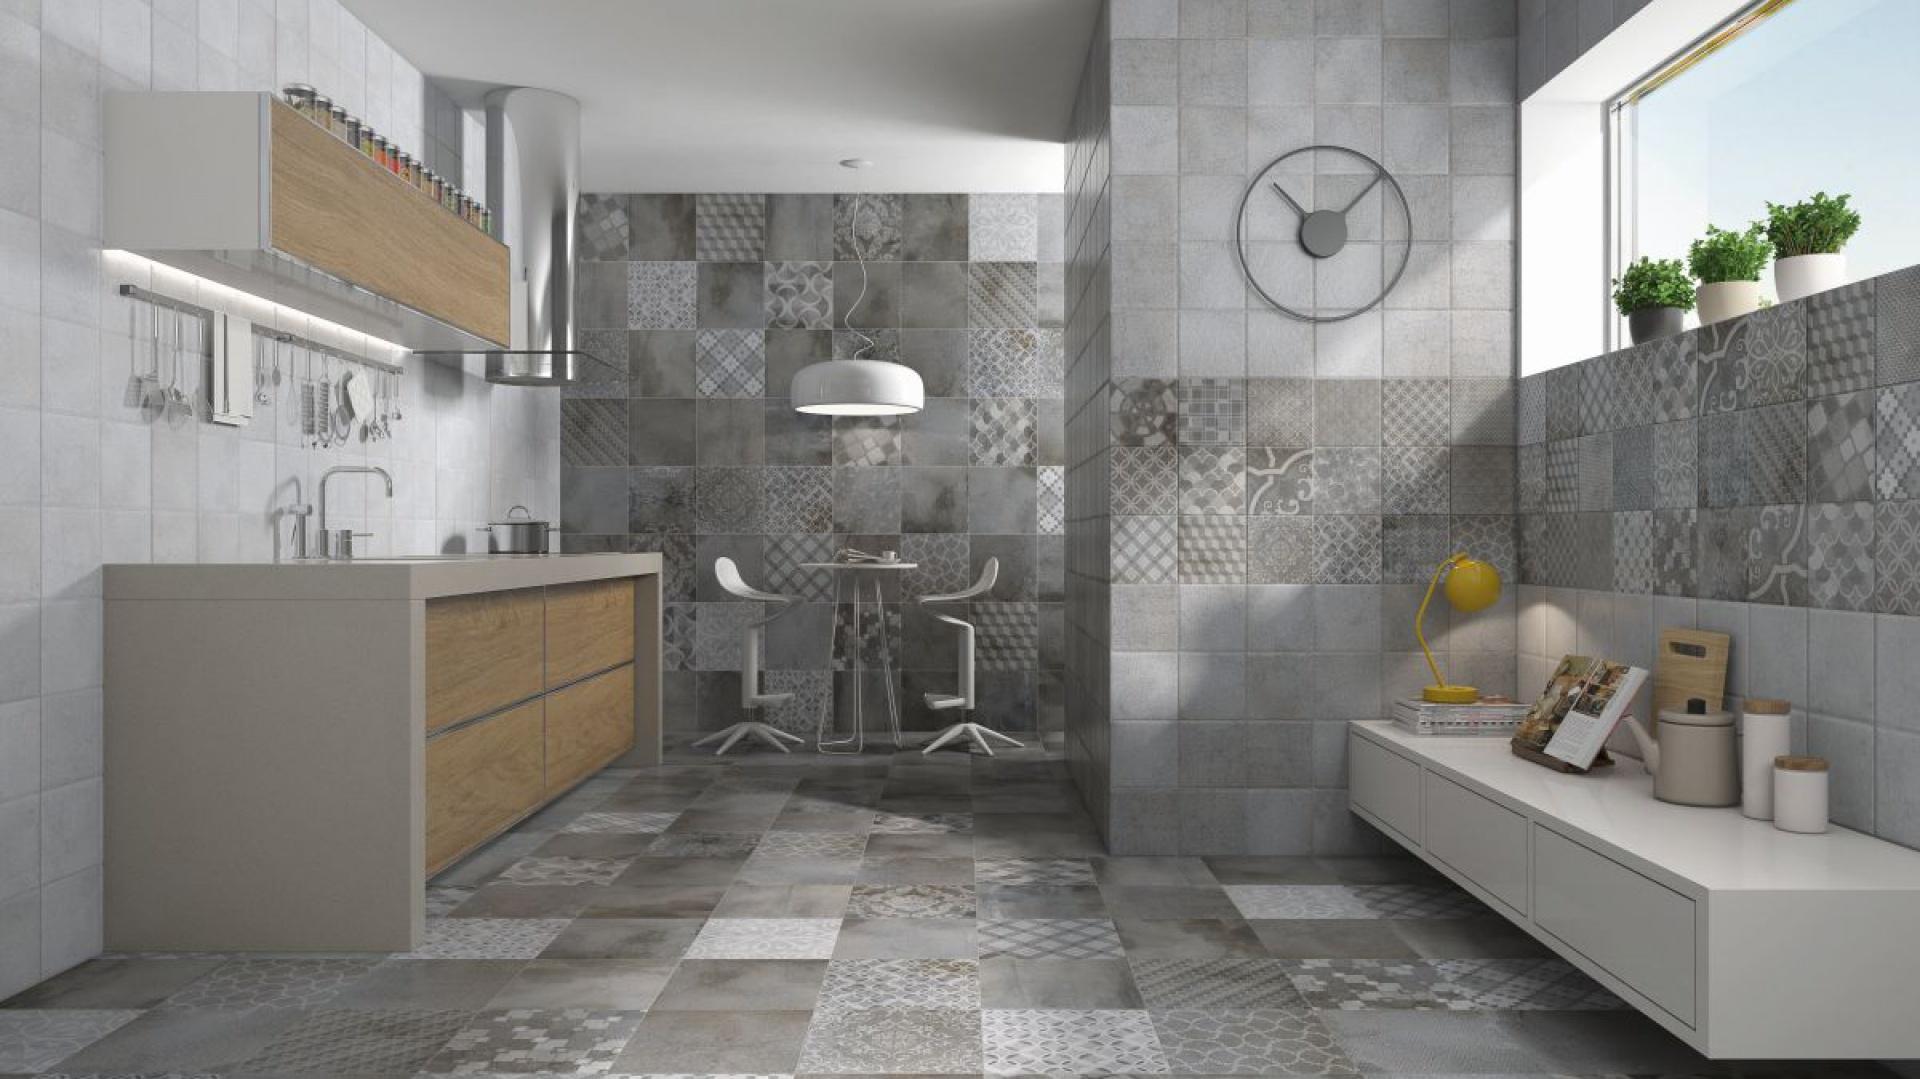 Płytki ceramiczne z kolekcji Urban life to połączenie szarych, imitujących beton faktur z patchworkowym wzorem. Fot. Brayen Ceramicas